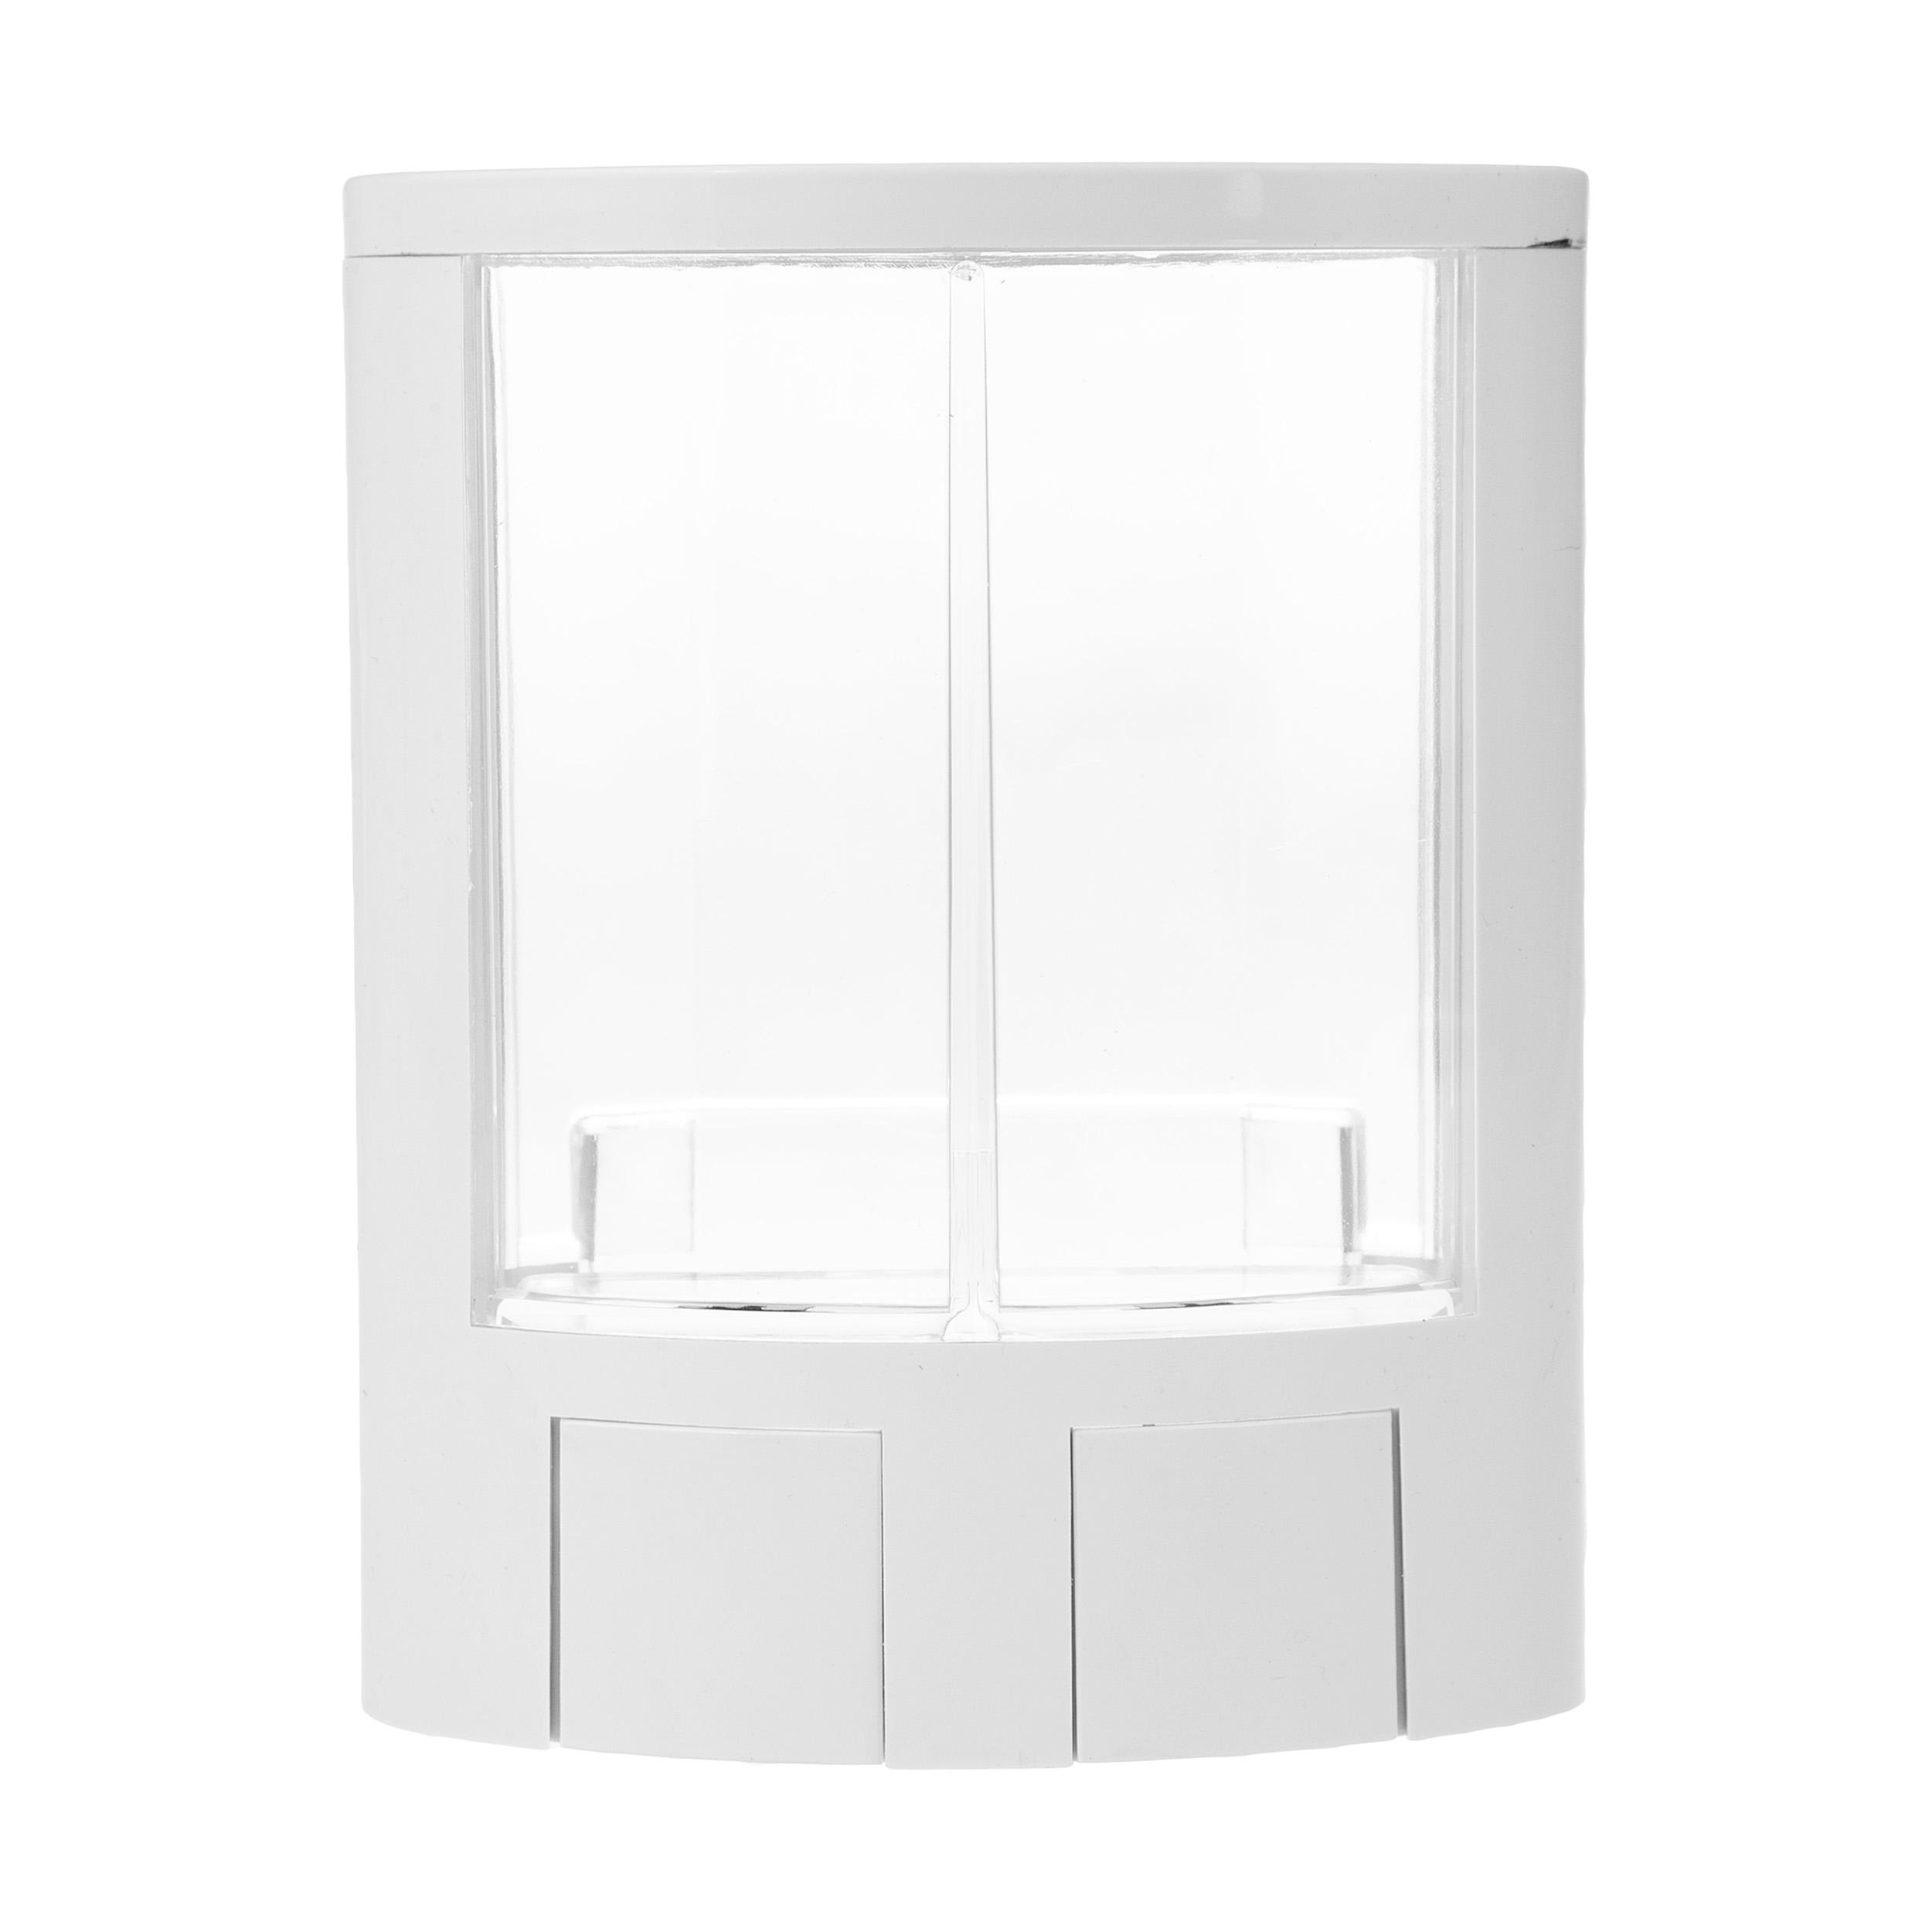 پمپ مایع دستشویی پاندا مدل DN-990303